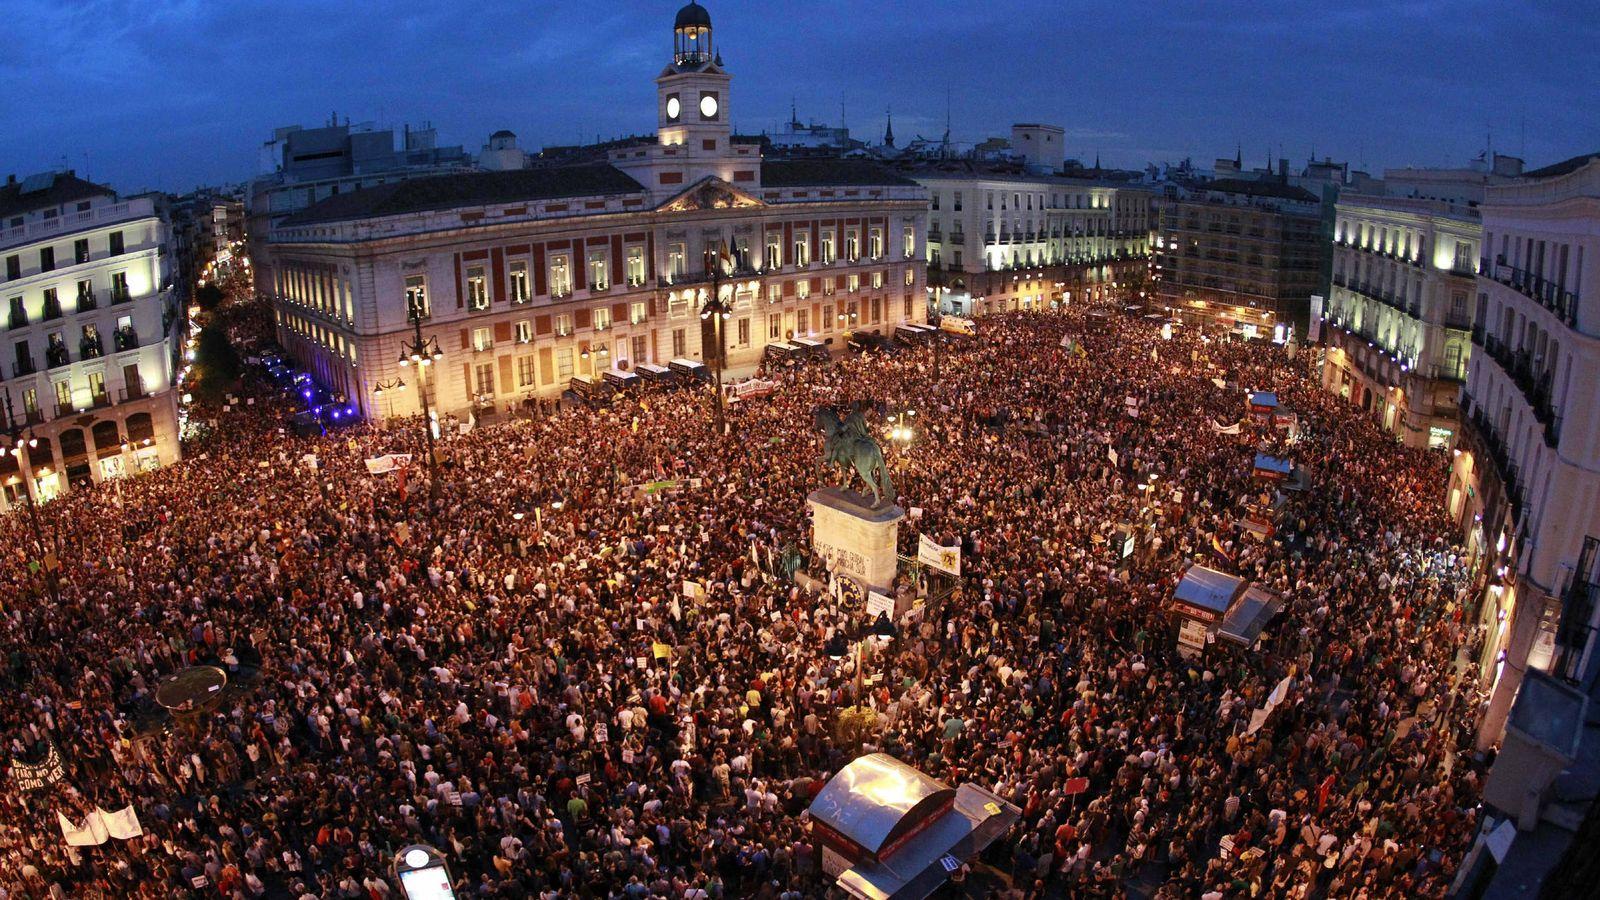 Foto: Integrantes del Movimiento 15M abarrotan la céntrica Puerta del Sol de Madrid en el primer aniversario del movimiento reivindicativo en 2012. EFE/Alberto Martín